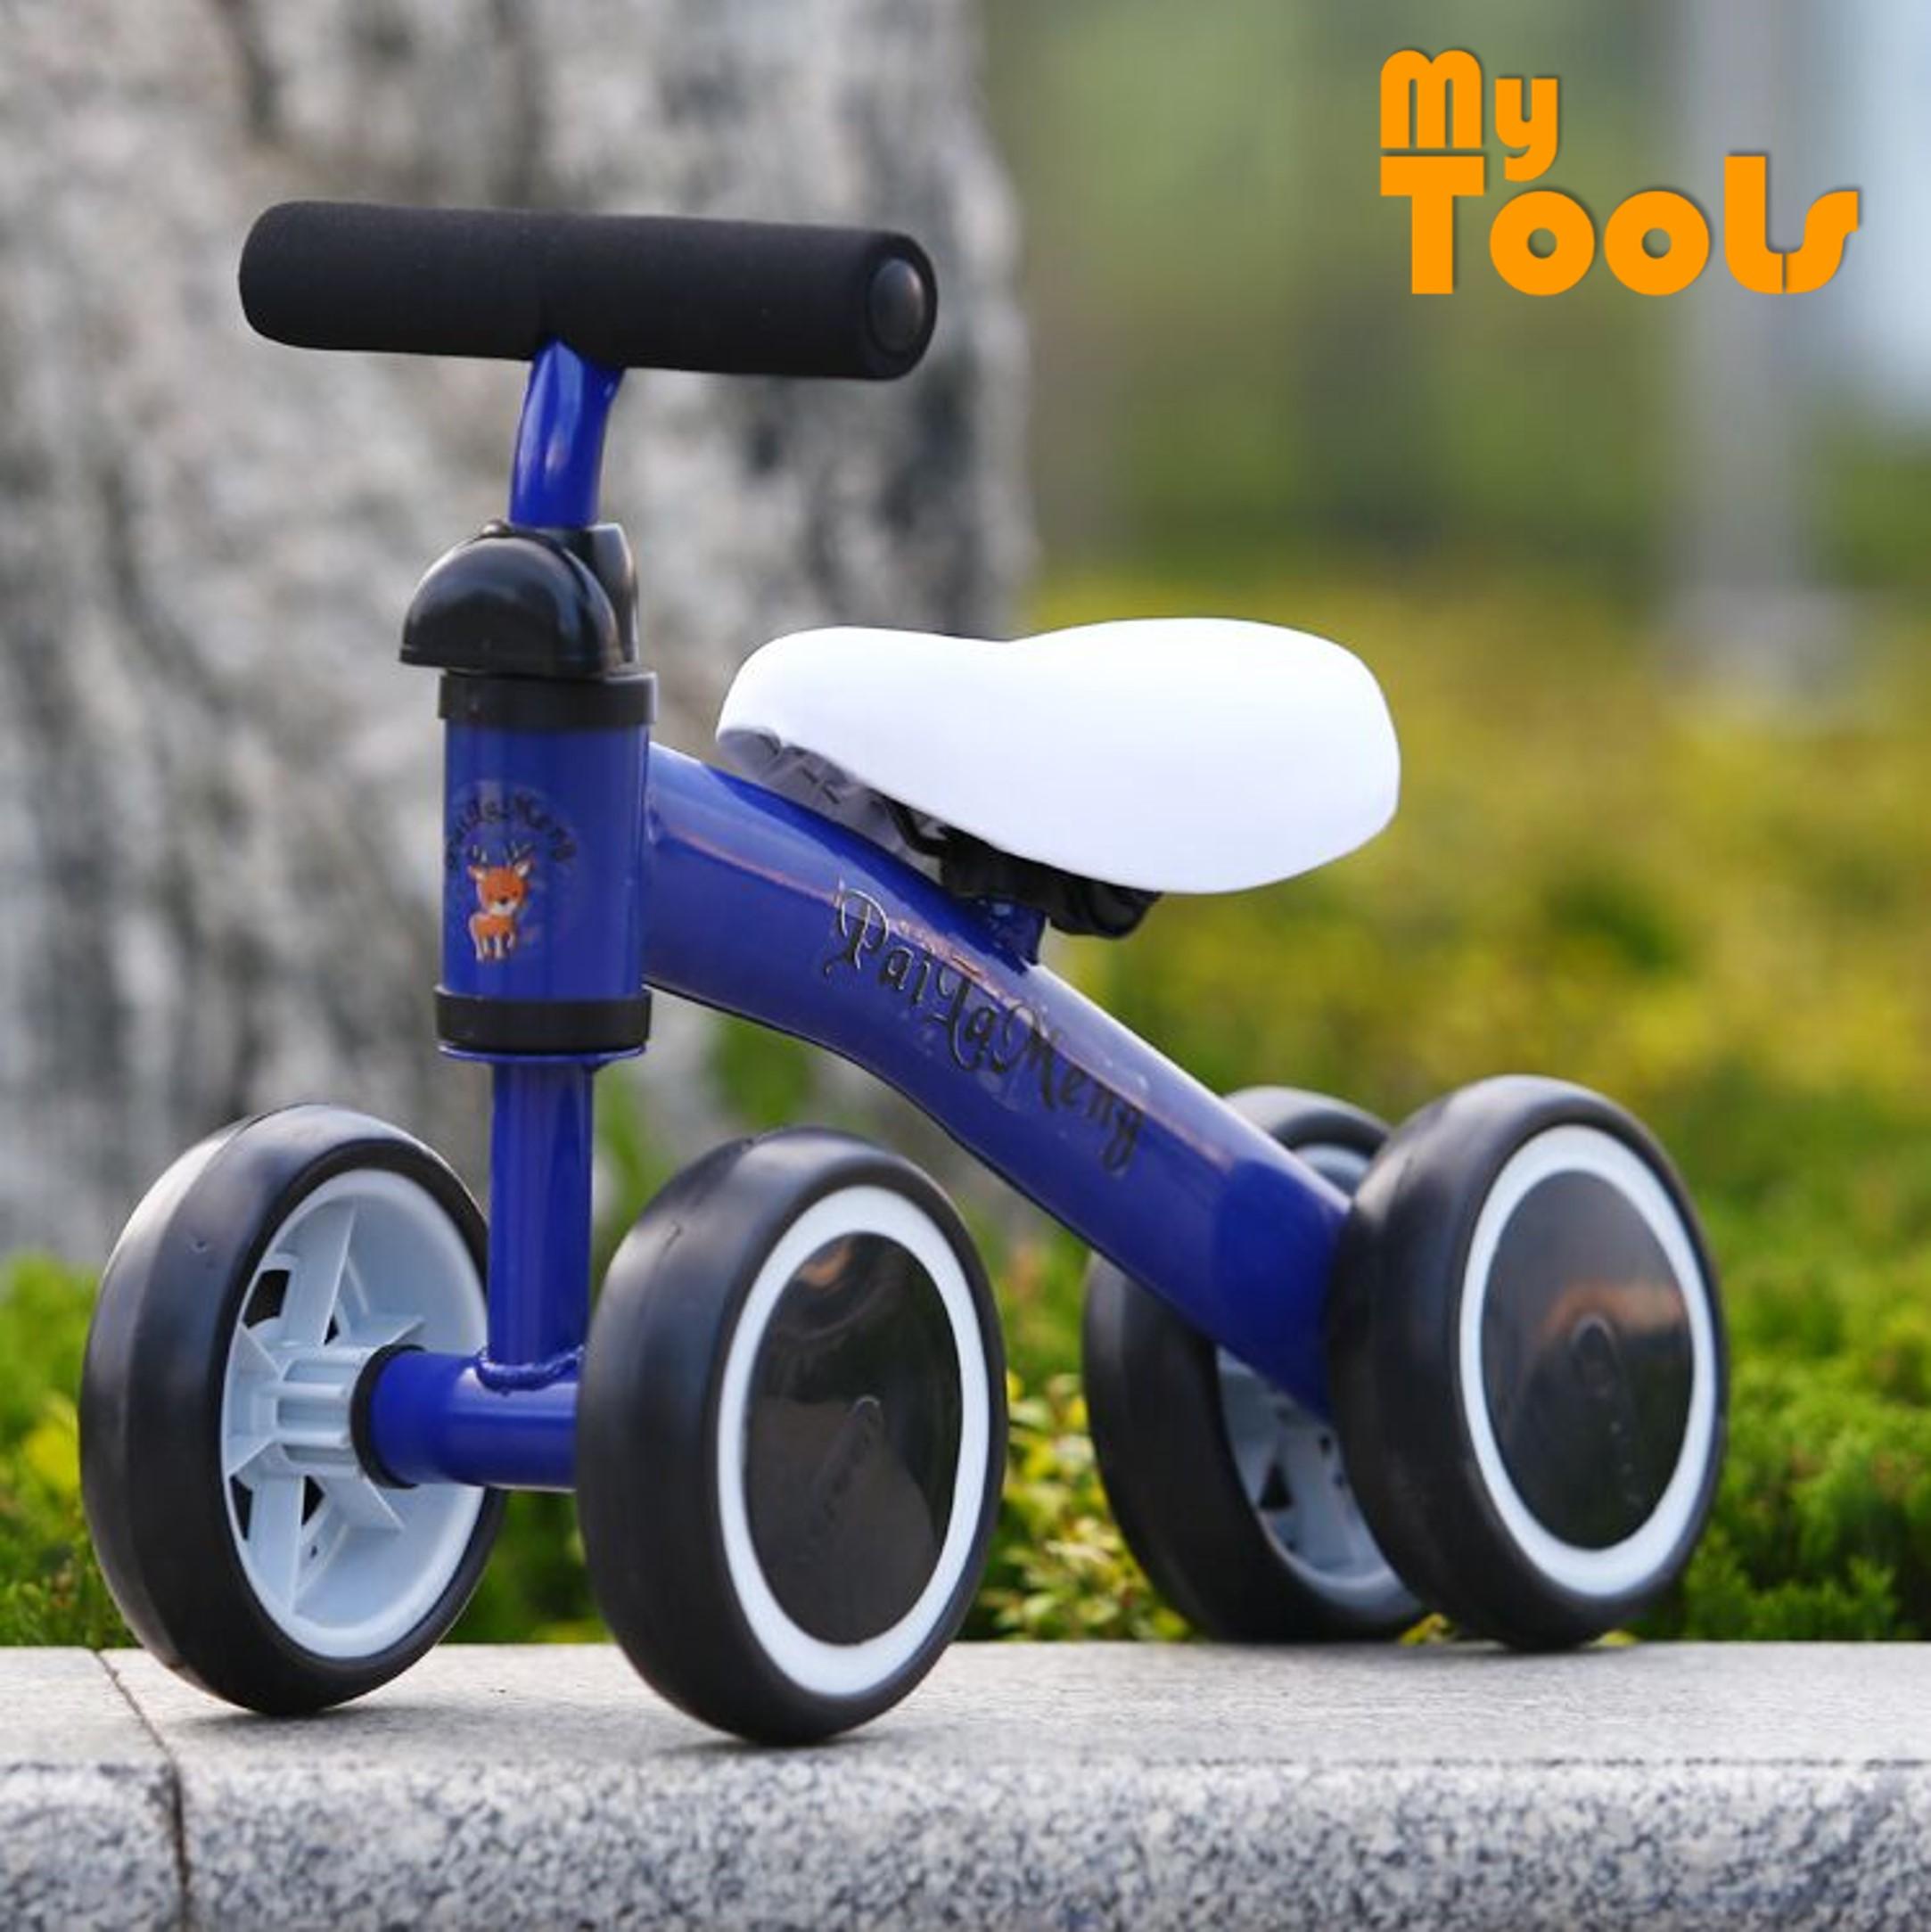 Mytools Baby Balancer Bike Minibike Mini Bike Ride On Walker